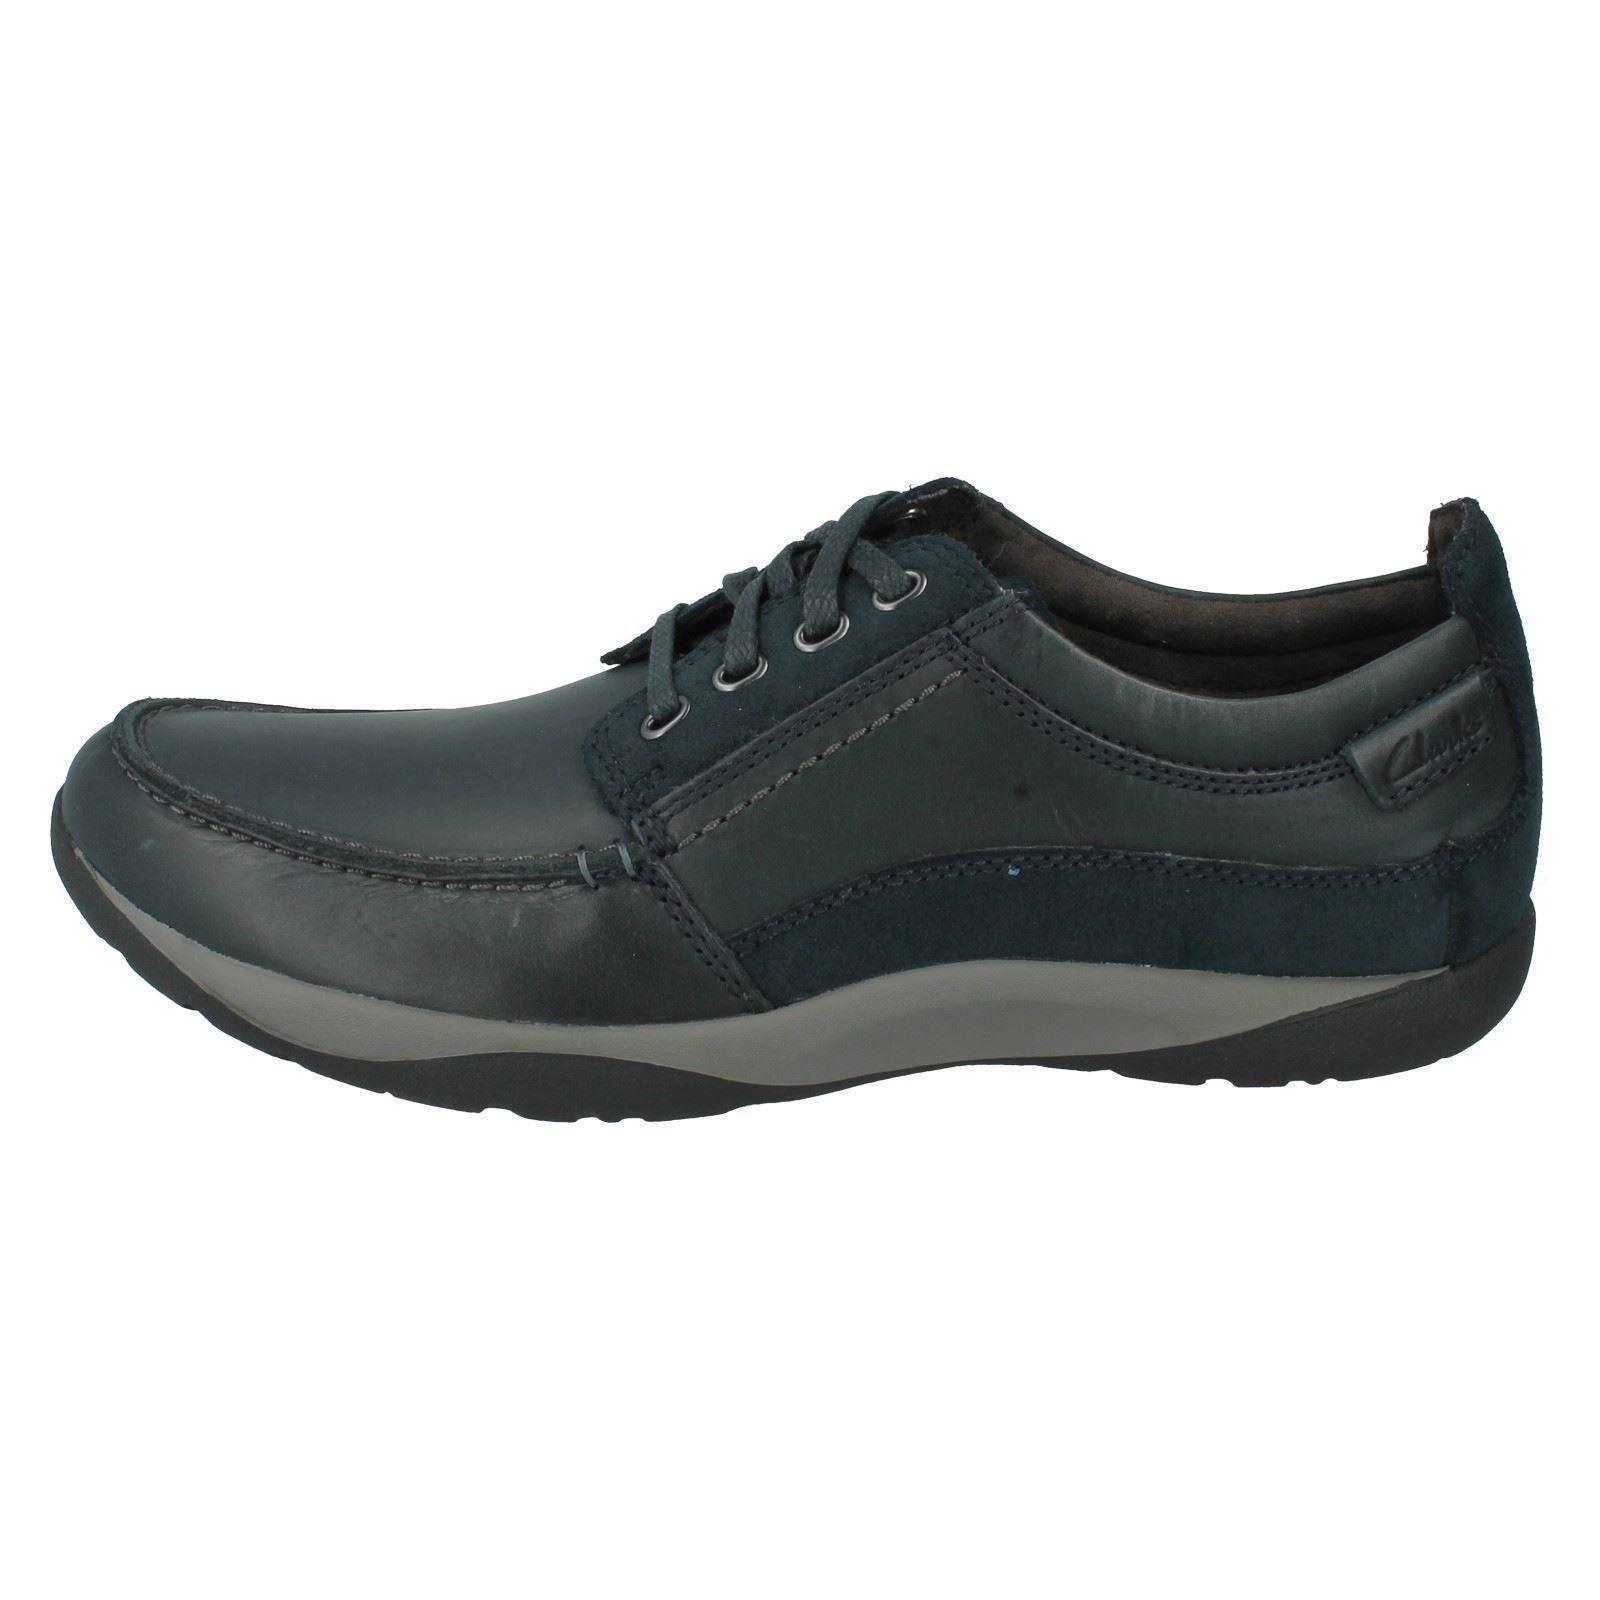 Para Hombre Clarks Zapatos ruta Casuales ruta Zapatos a pie 74fdc0